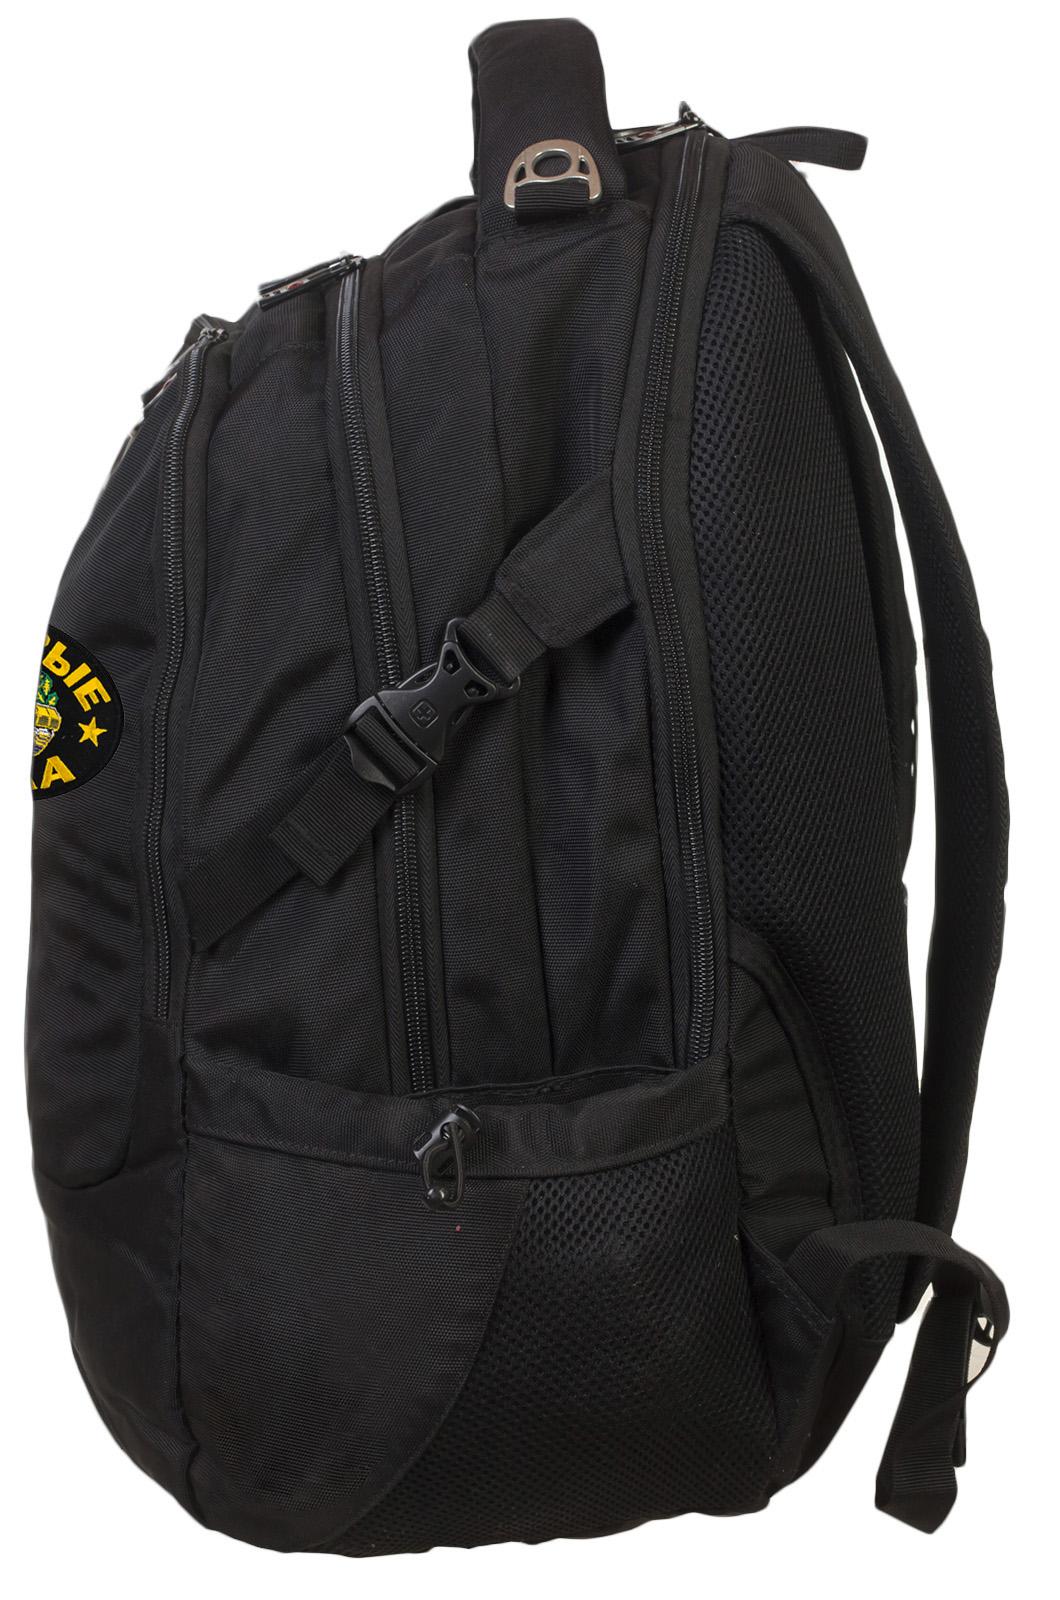 Надежный зачетный рюкзак с нашивкой Танковые Войска - купить по низкой цене